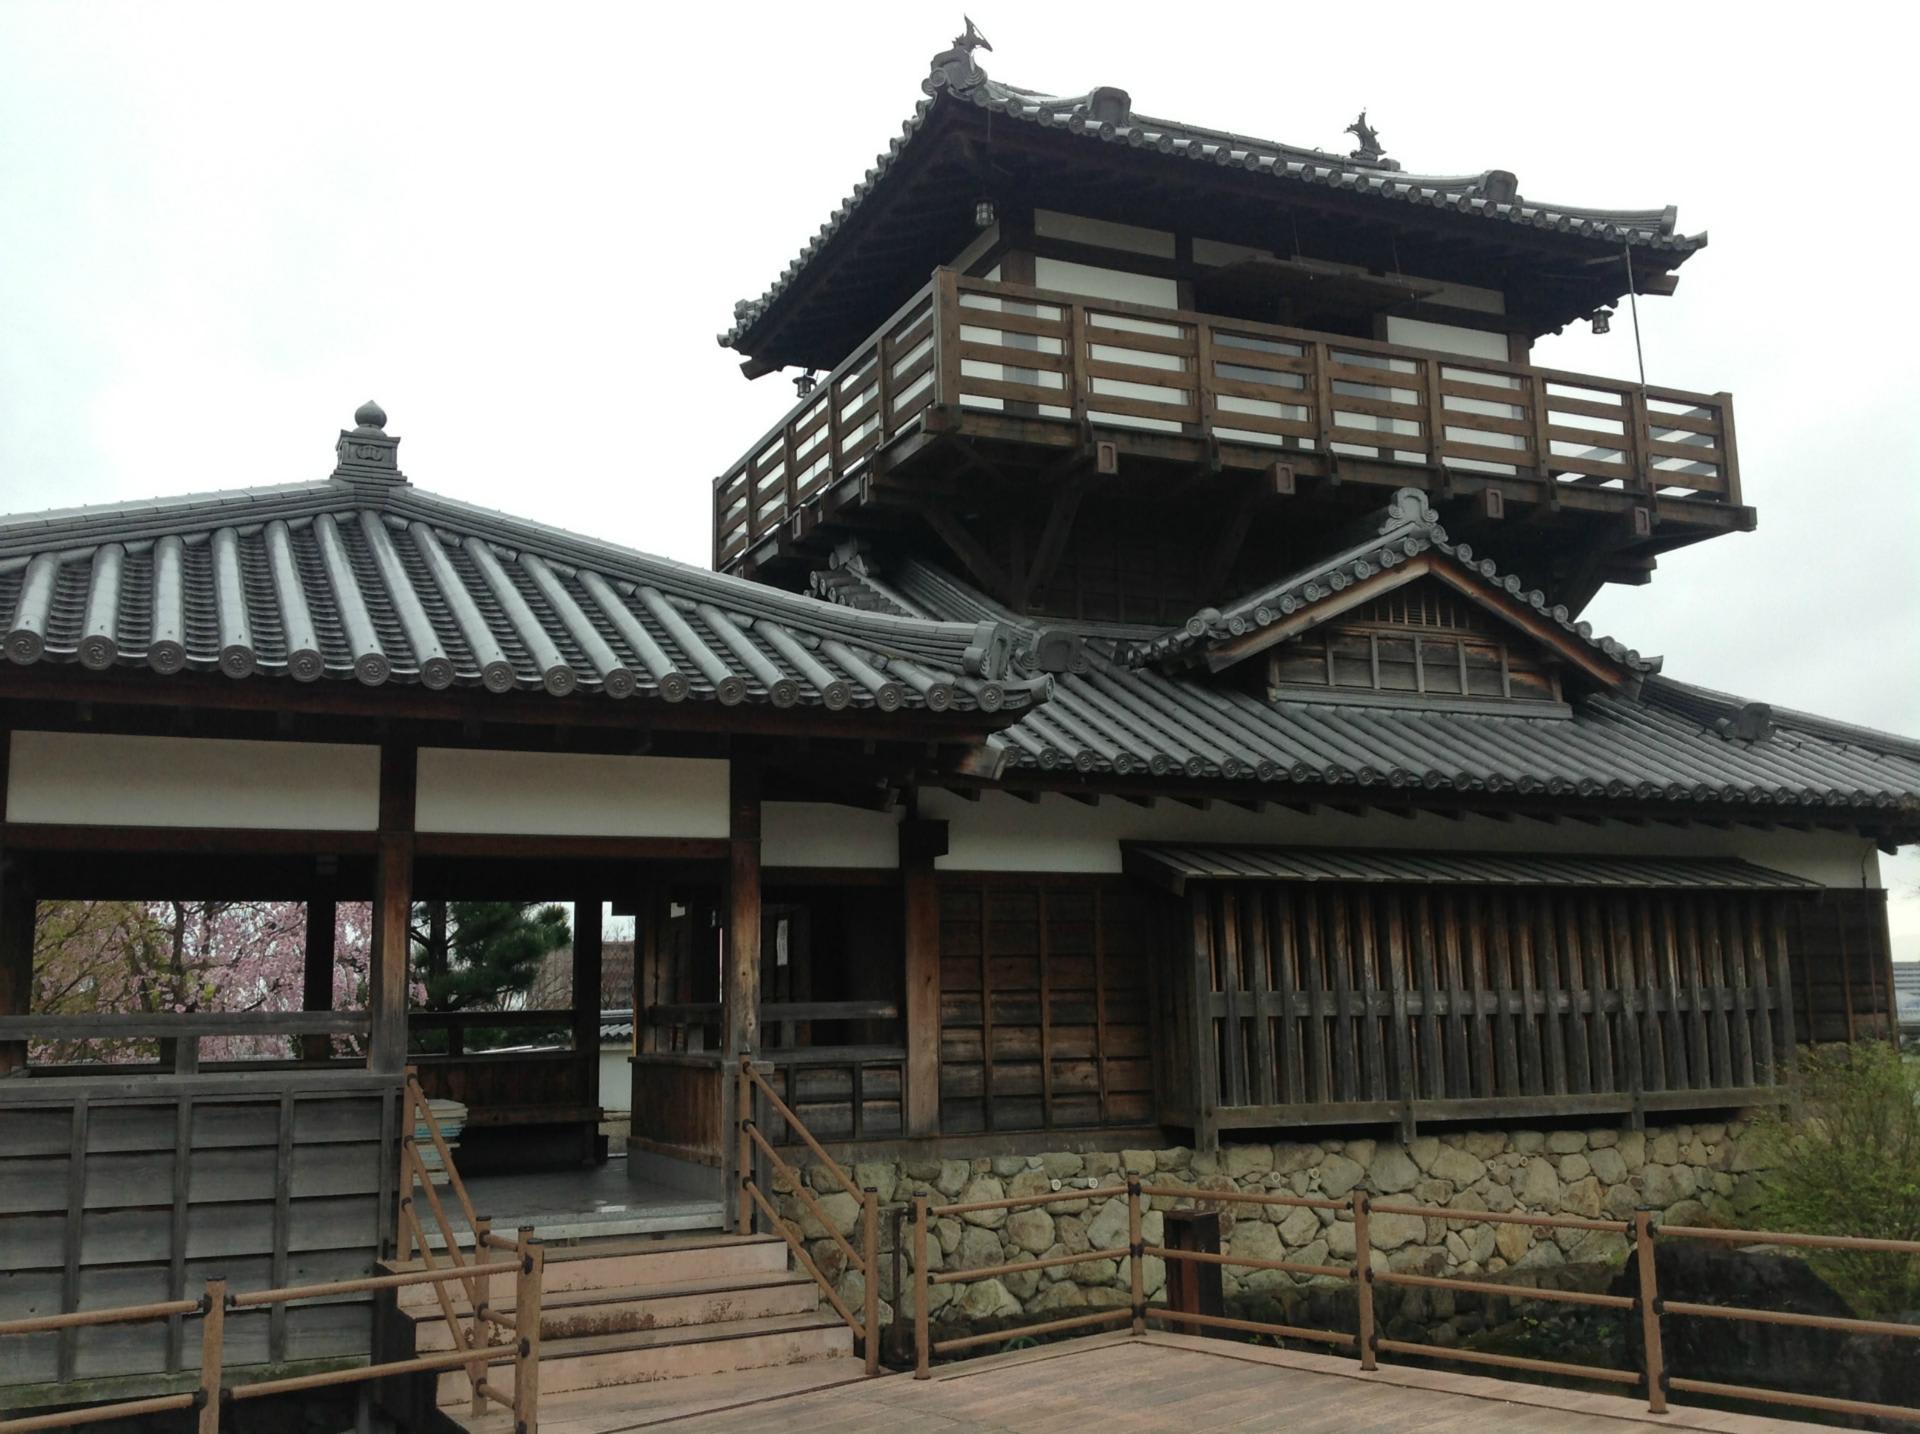 大阪池田市 「池田城」と「小林一三記念館」を巡る旅 - 個人 ...